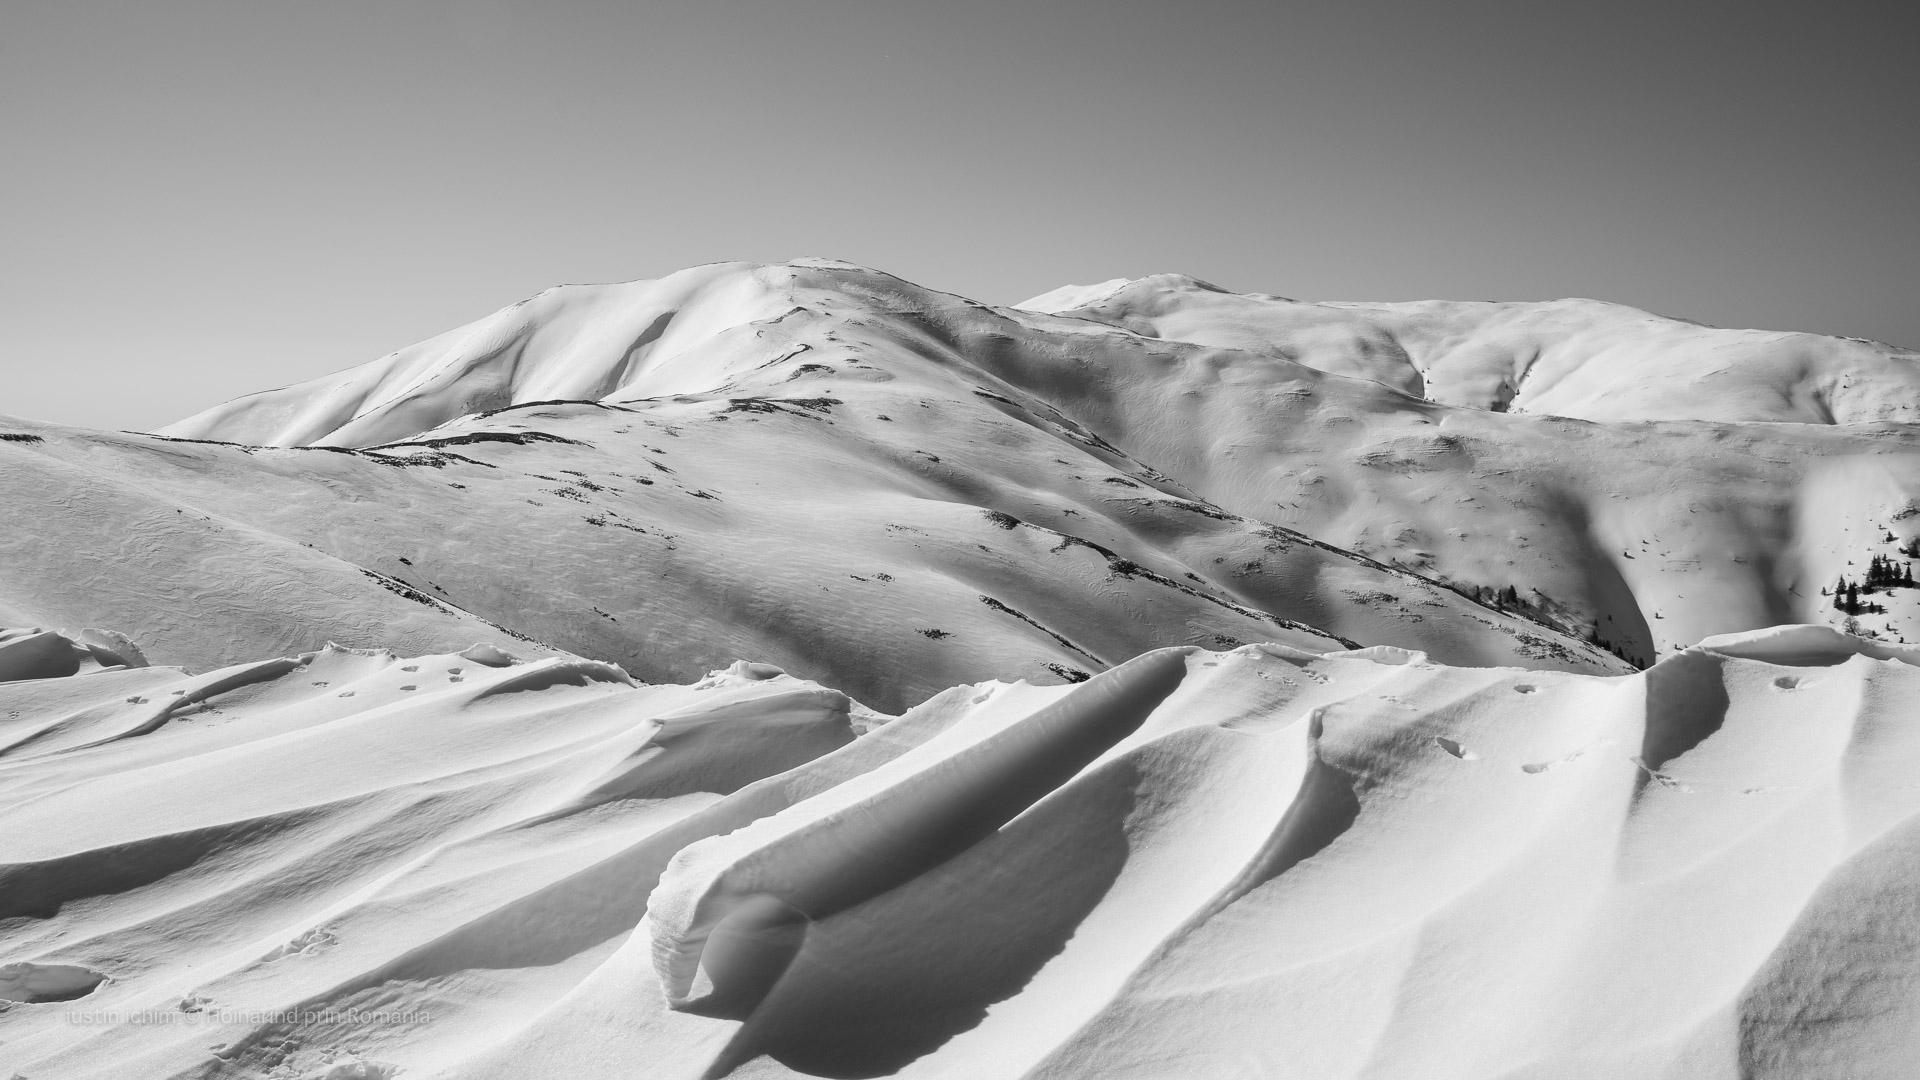 Șaua Cazacu, Vf. Băiuțul si Vf. Baiul Mic, Munții Baiului